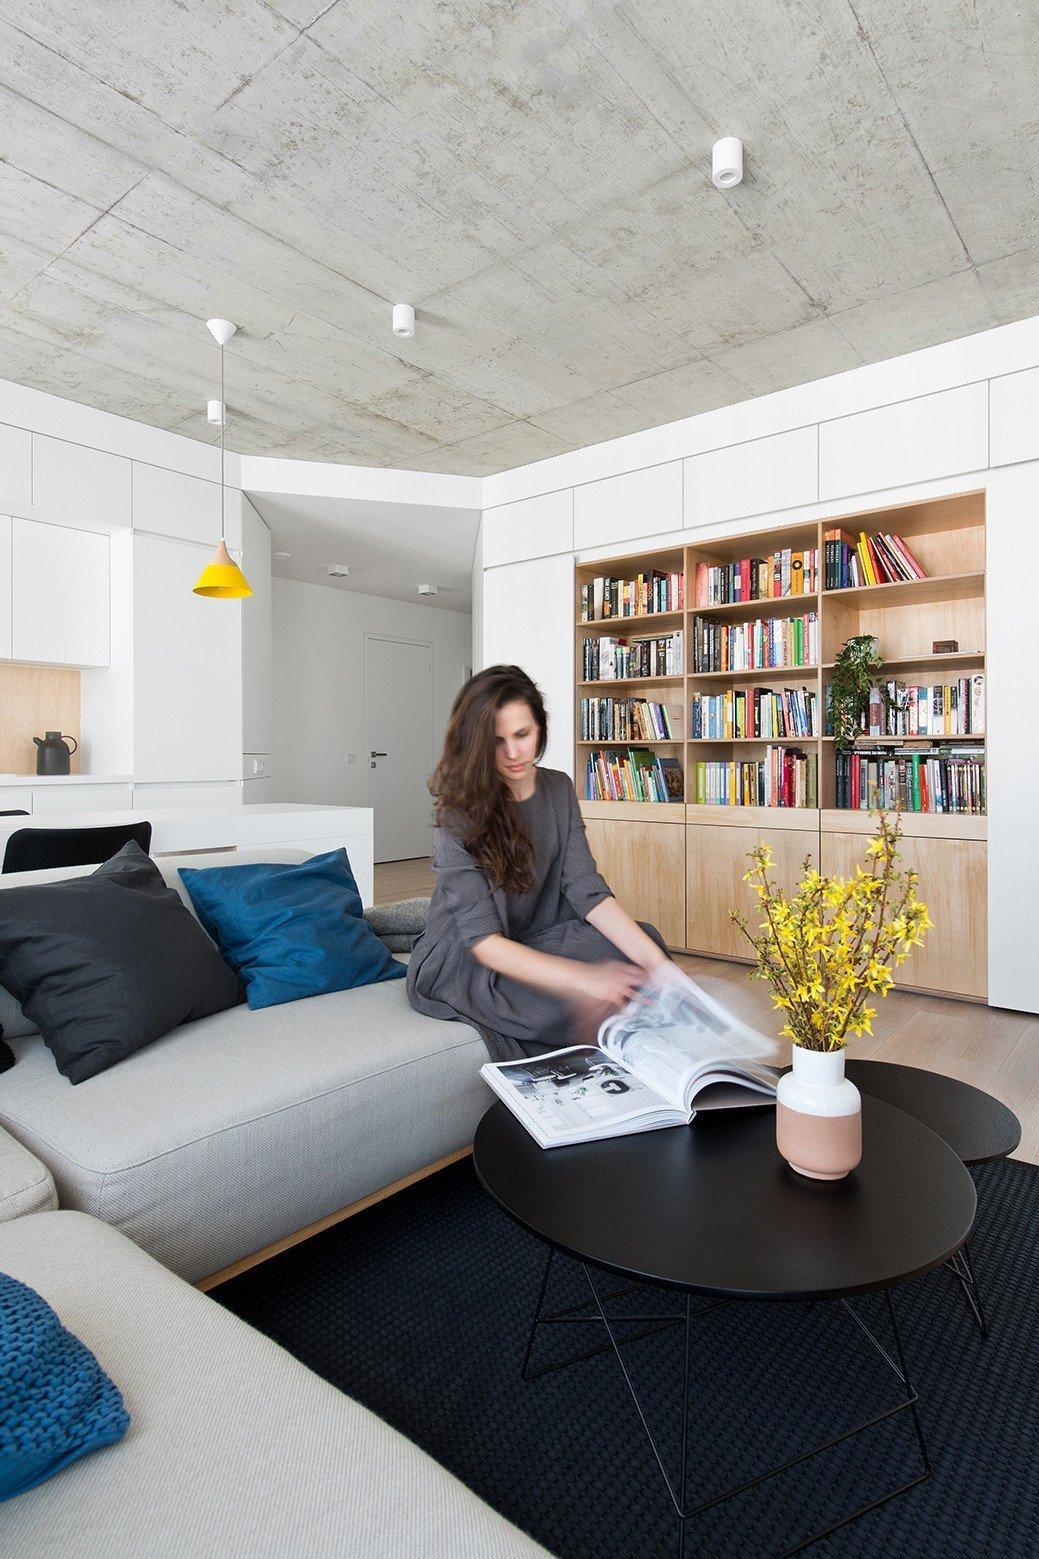 Tmavý koberec a konferenčnní stolek slouží jako kontrapunkt k ostatnímu světlému nábytku.